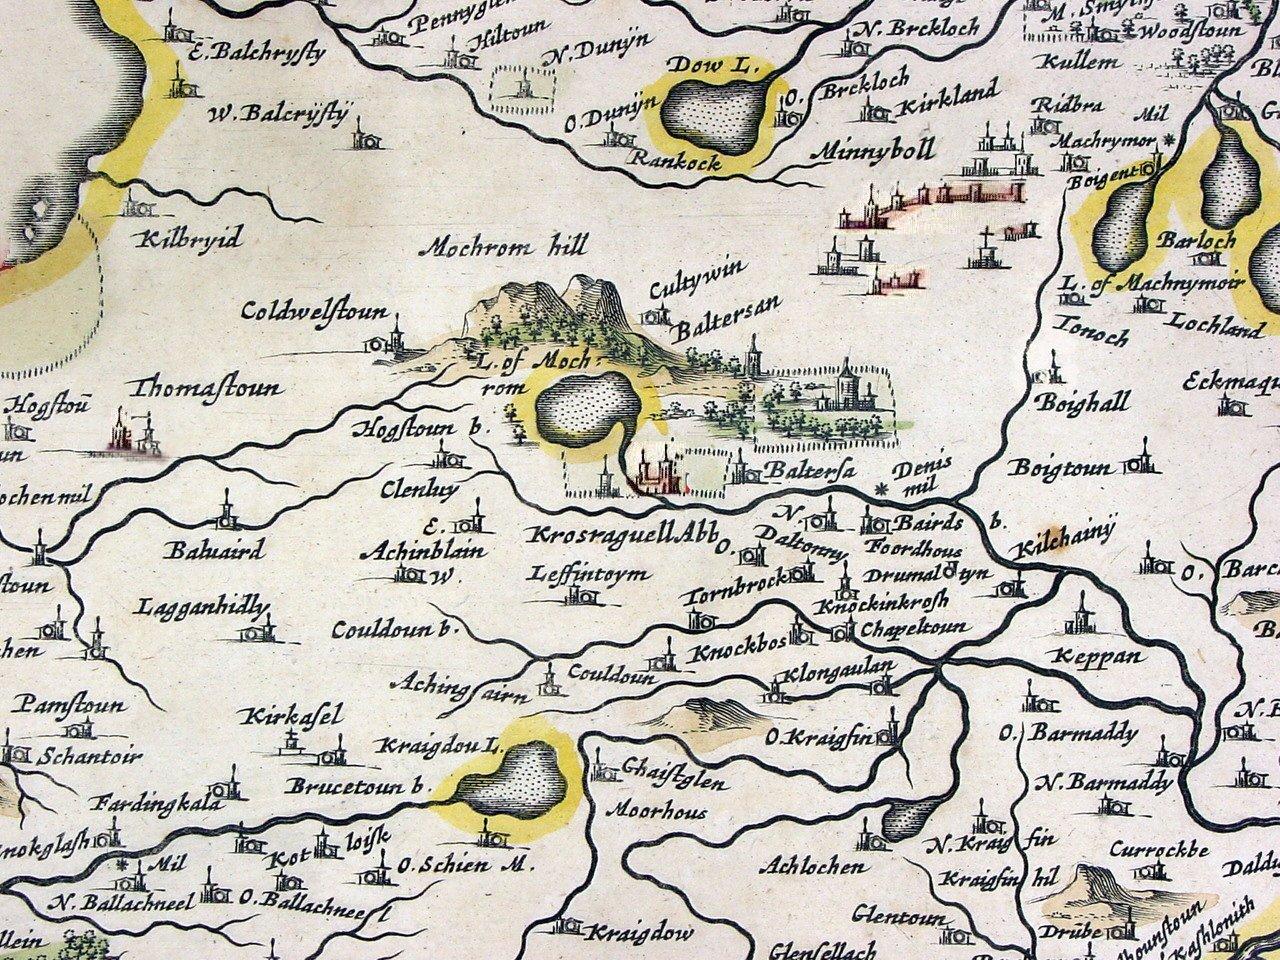 Blaeu 1654 Carrick Scotland Map